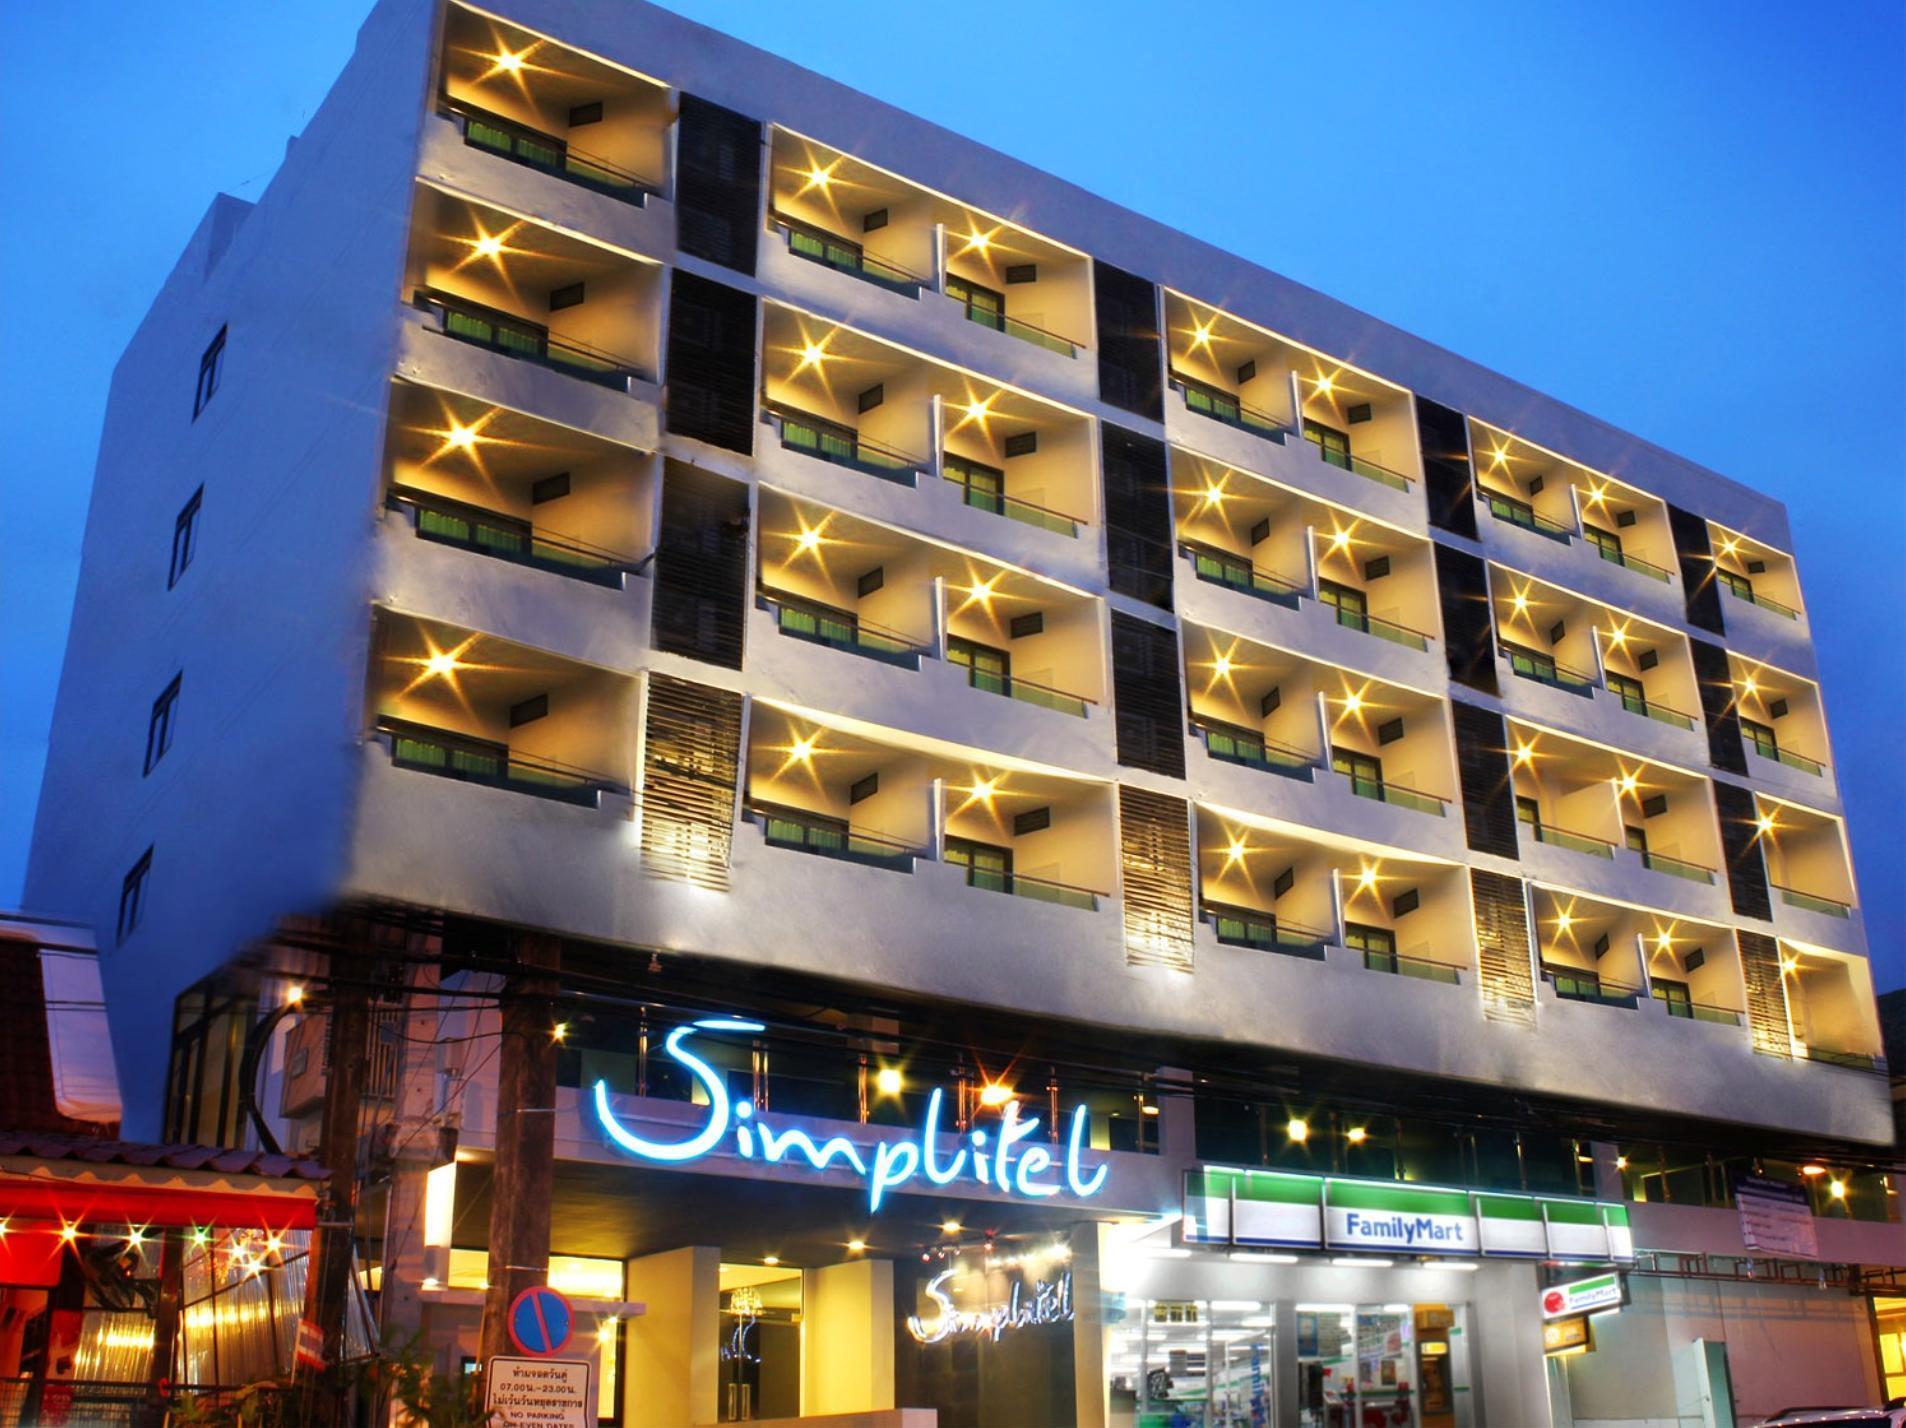 斯姆普利特酒店